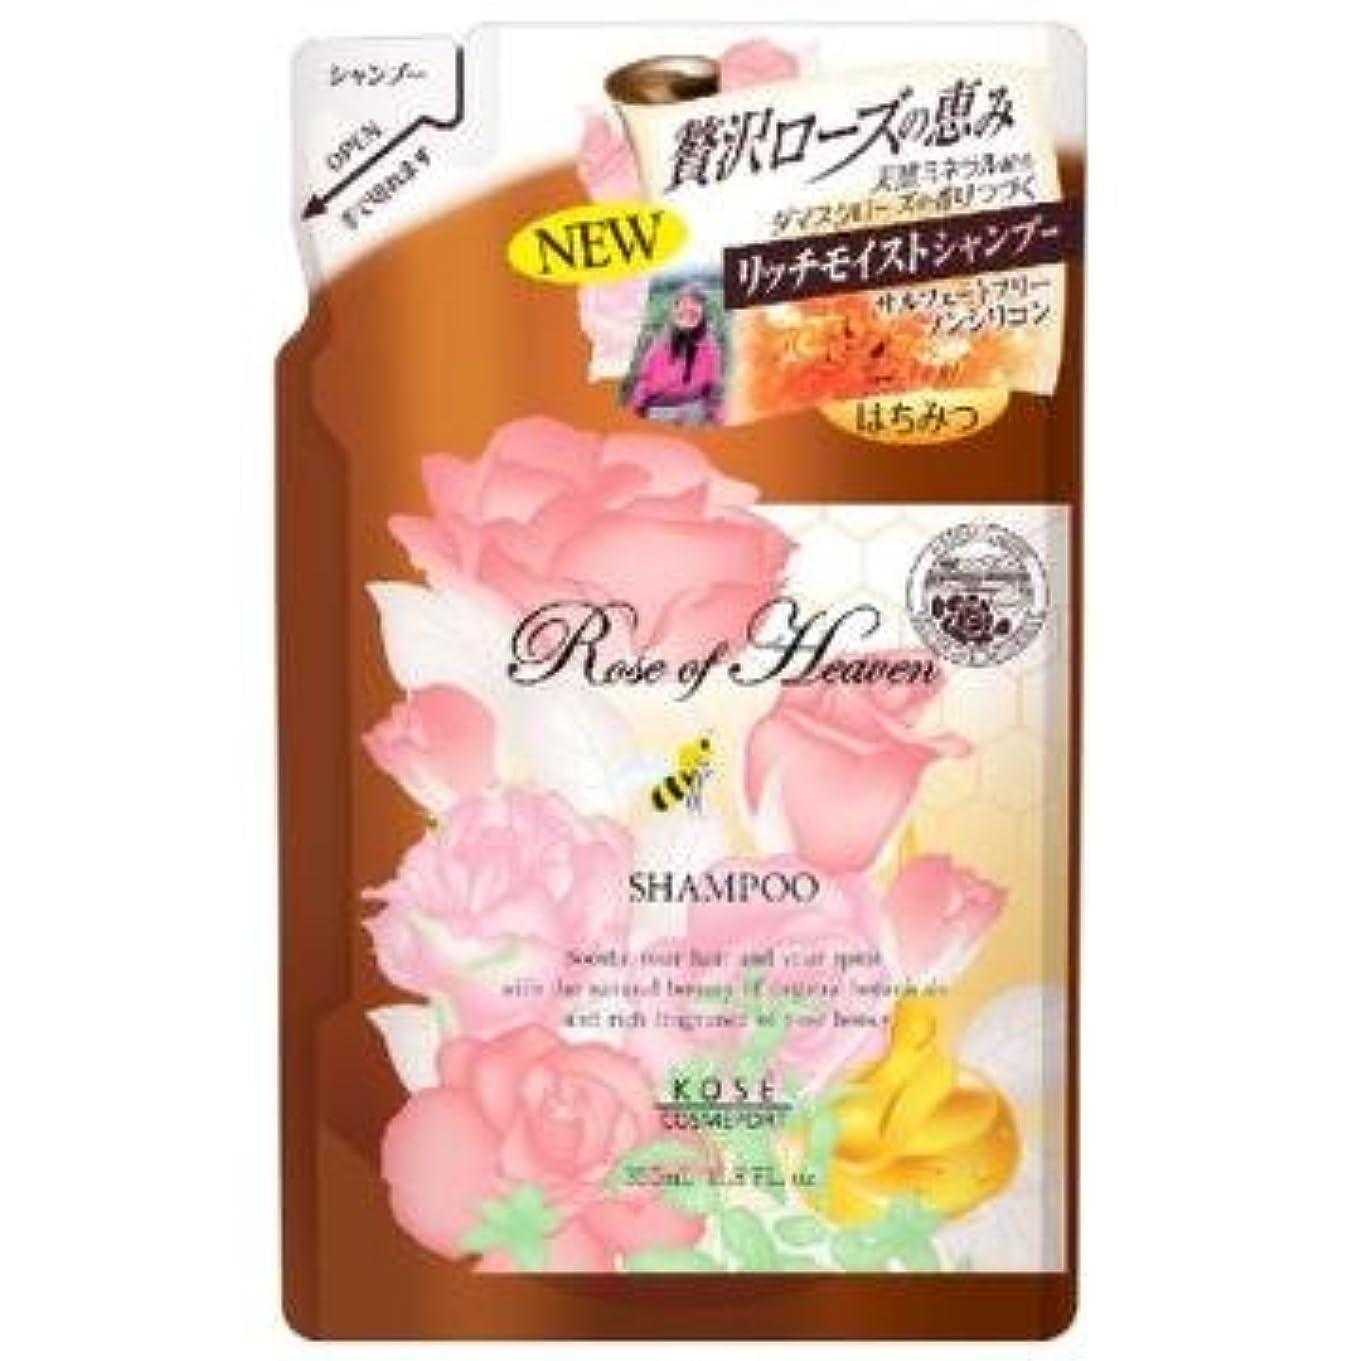 マーキーアマチュアセージコーセー ローズオブヘブン シャンプー つめかえ 350mL ノンシリコン ダマスクローズの優雅な香り お得な詰替え用 ×12点セット (4971710384581)